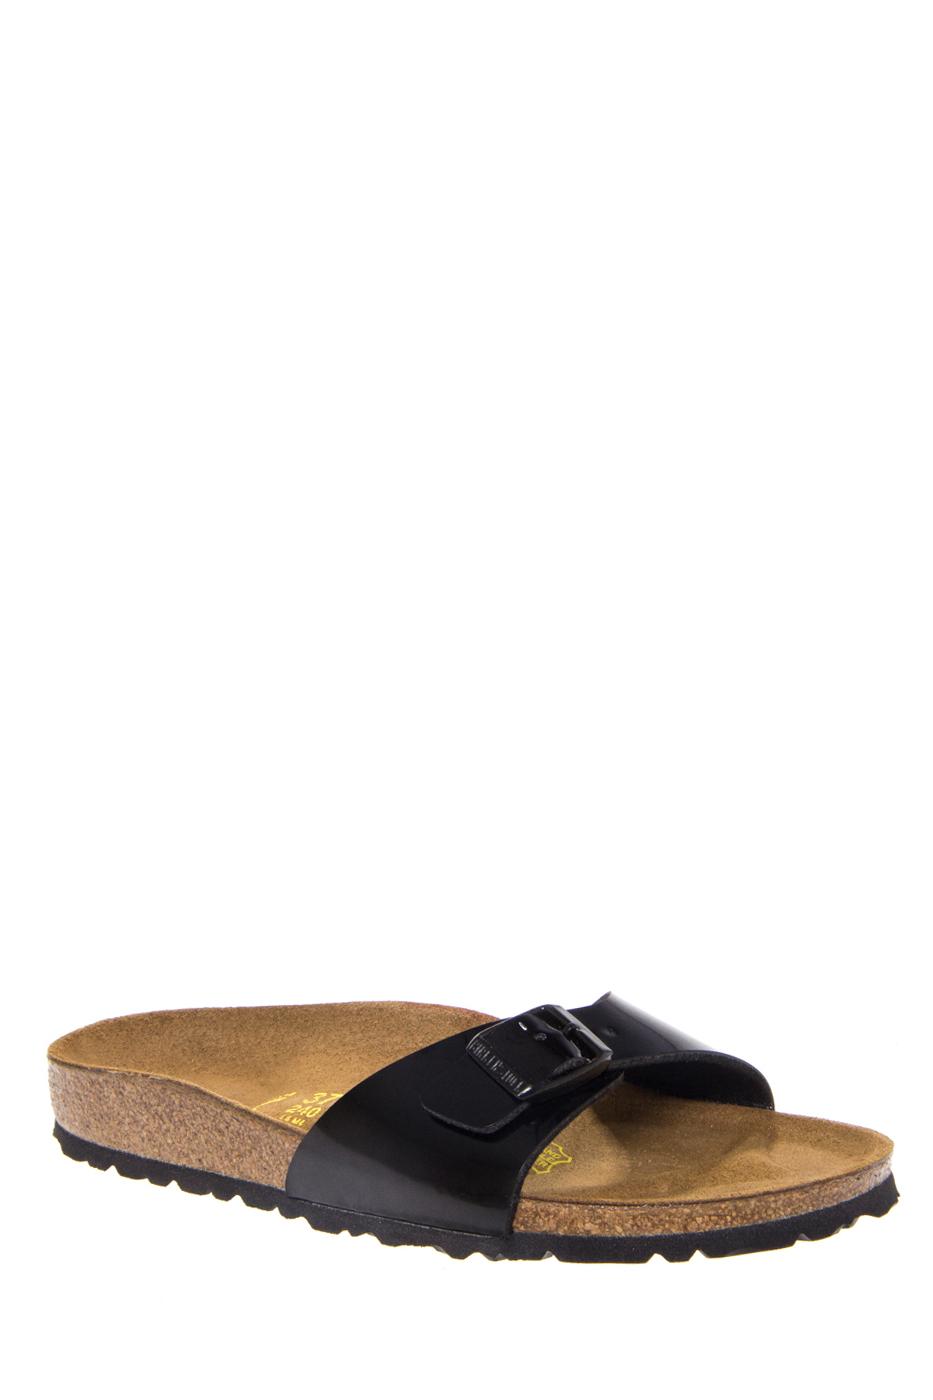 Birkenstock Madrid Slide Flats Sandals - Black Patent